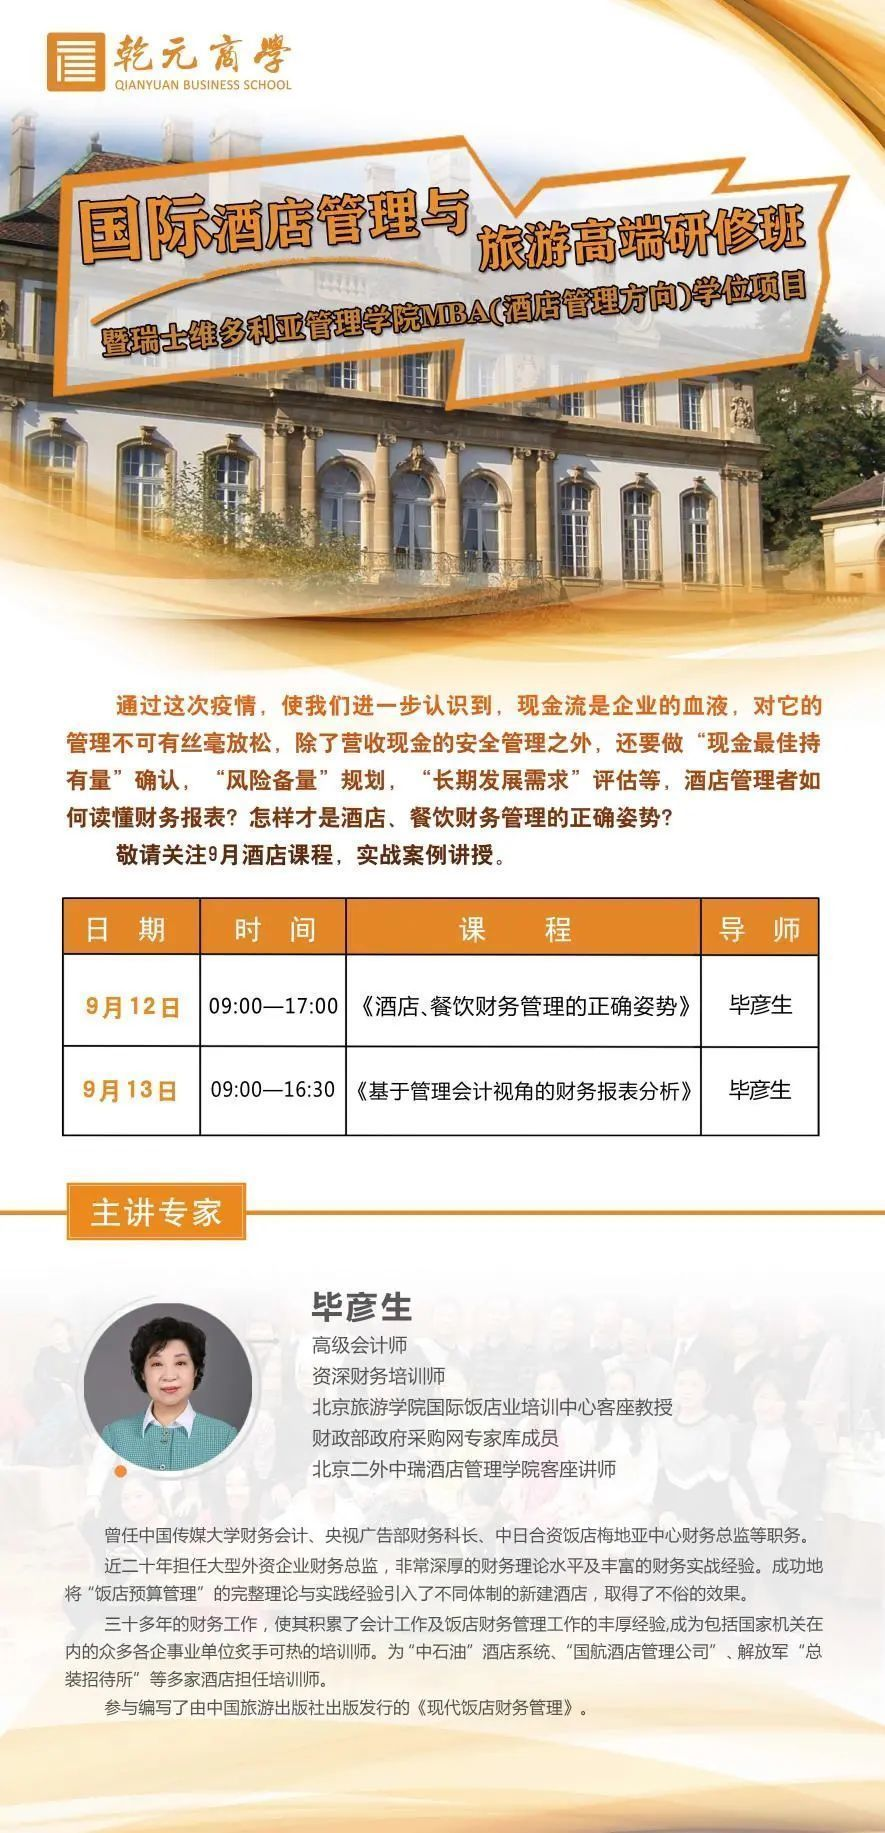 酒店管理与旅游班九月开课通知